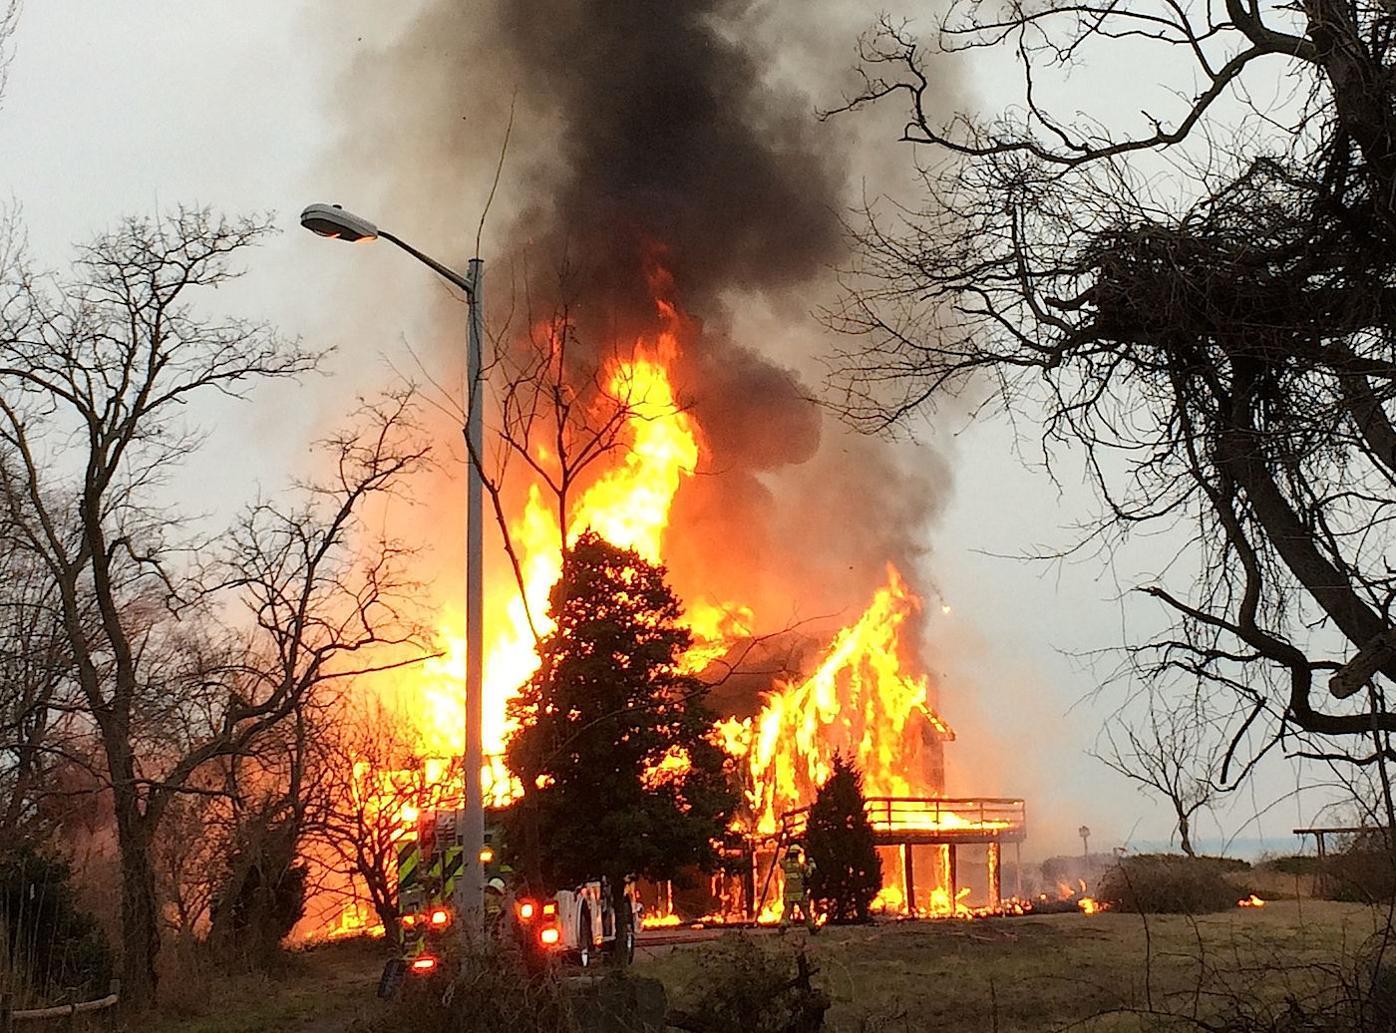 Tower Gardens Fire